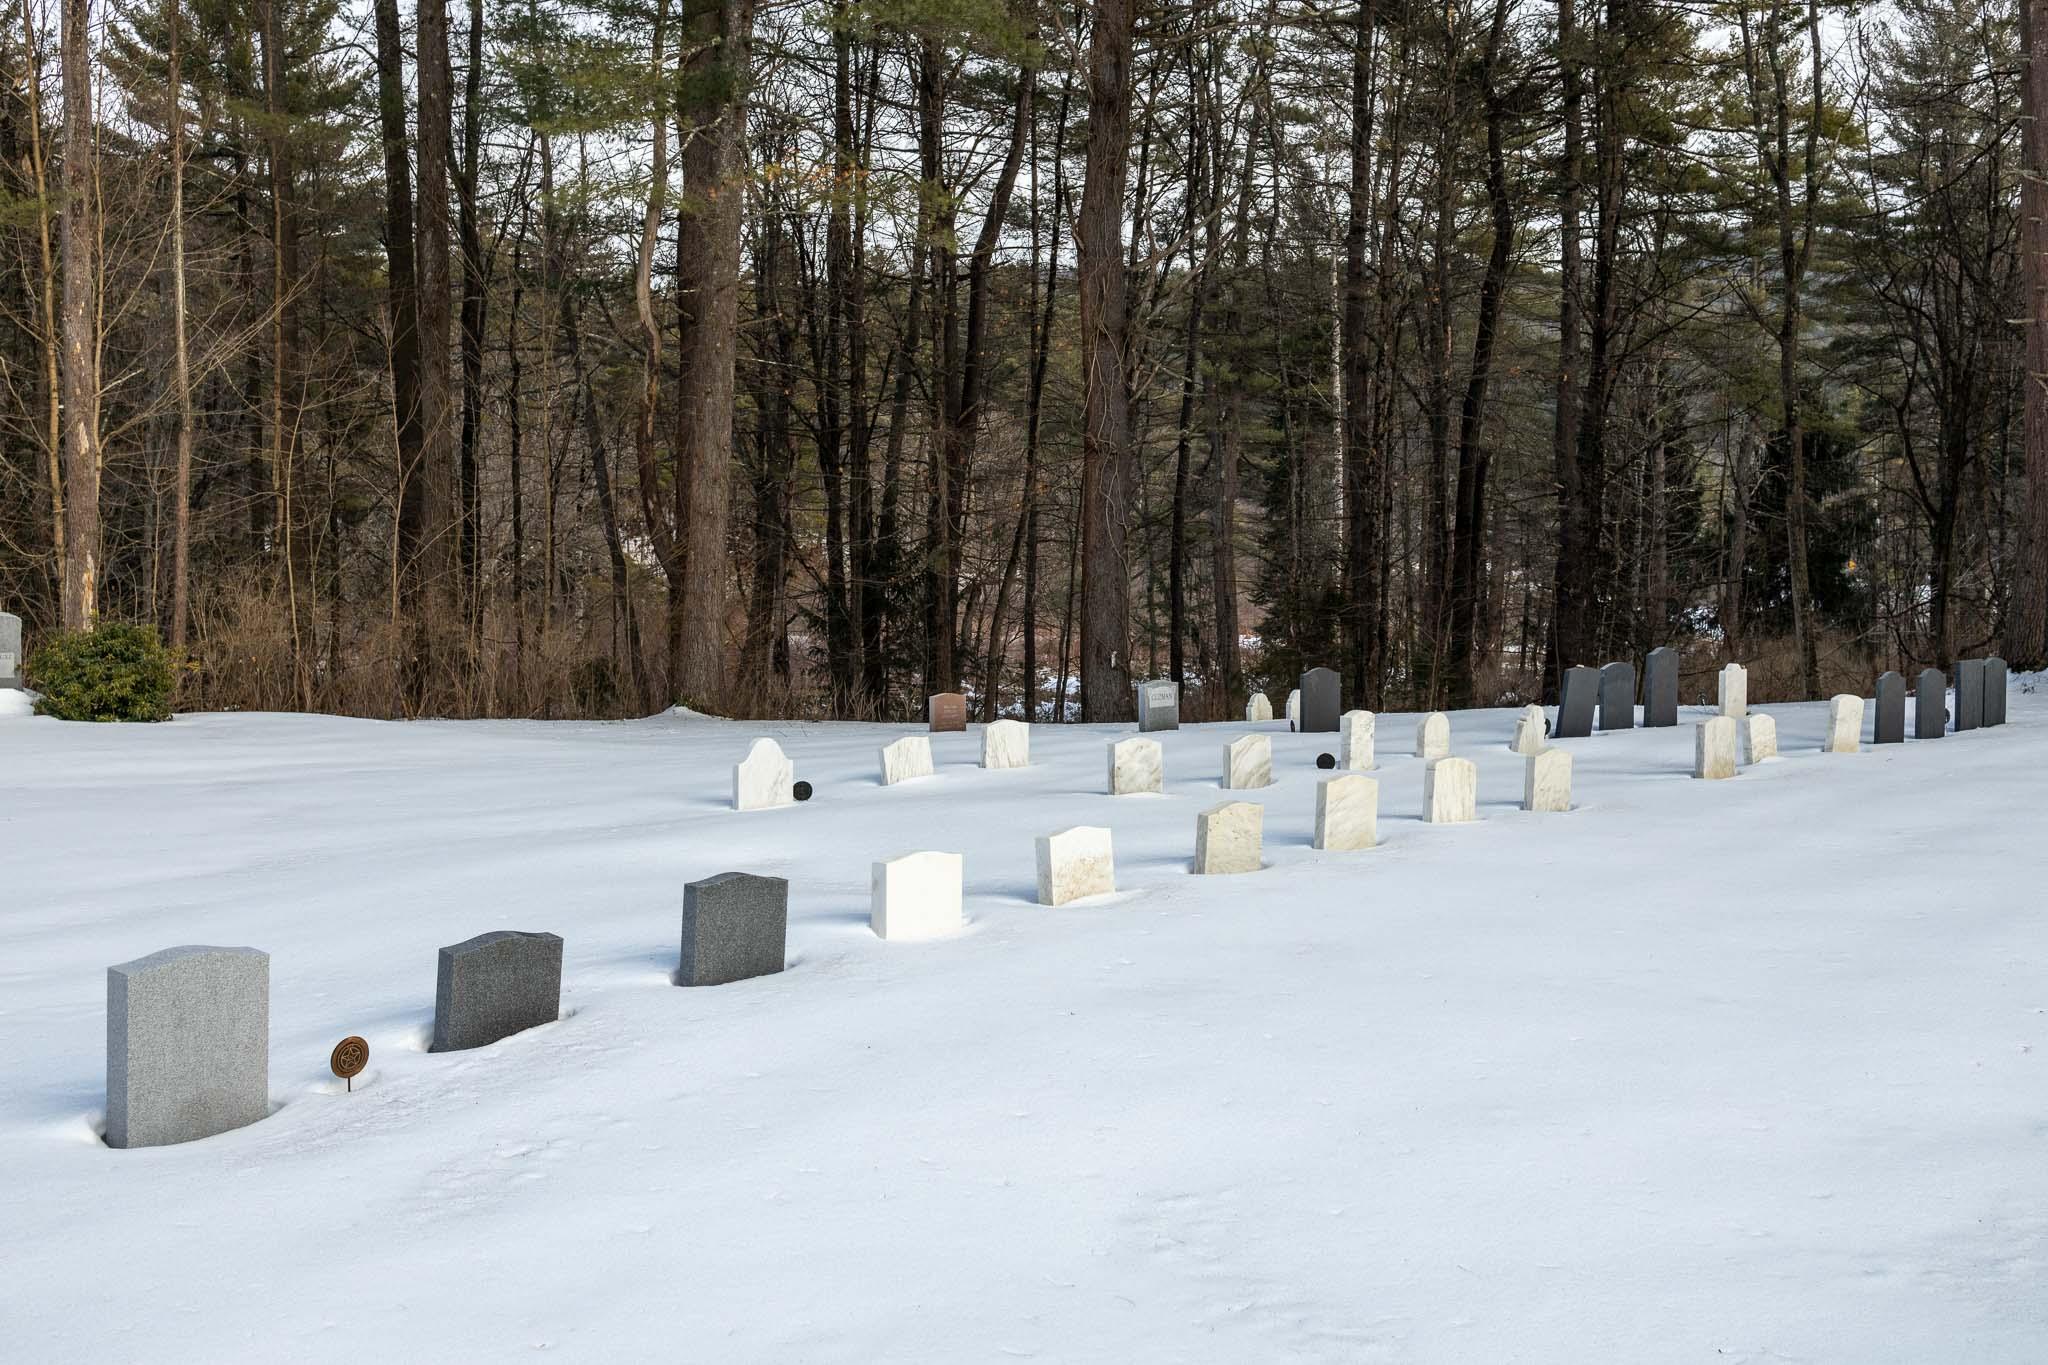 Headstones in Snow